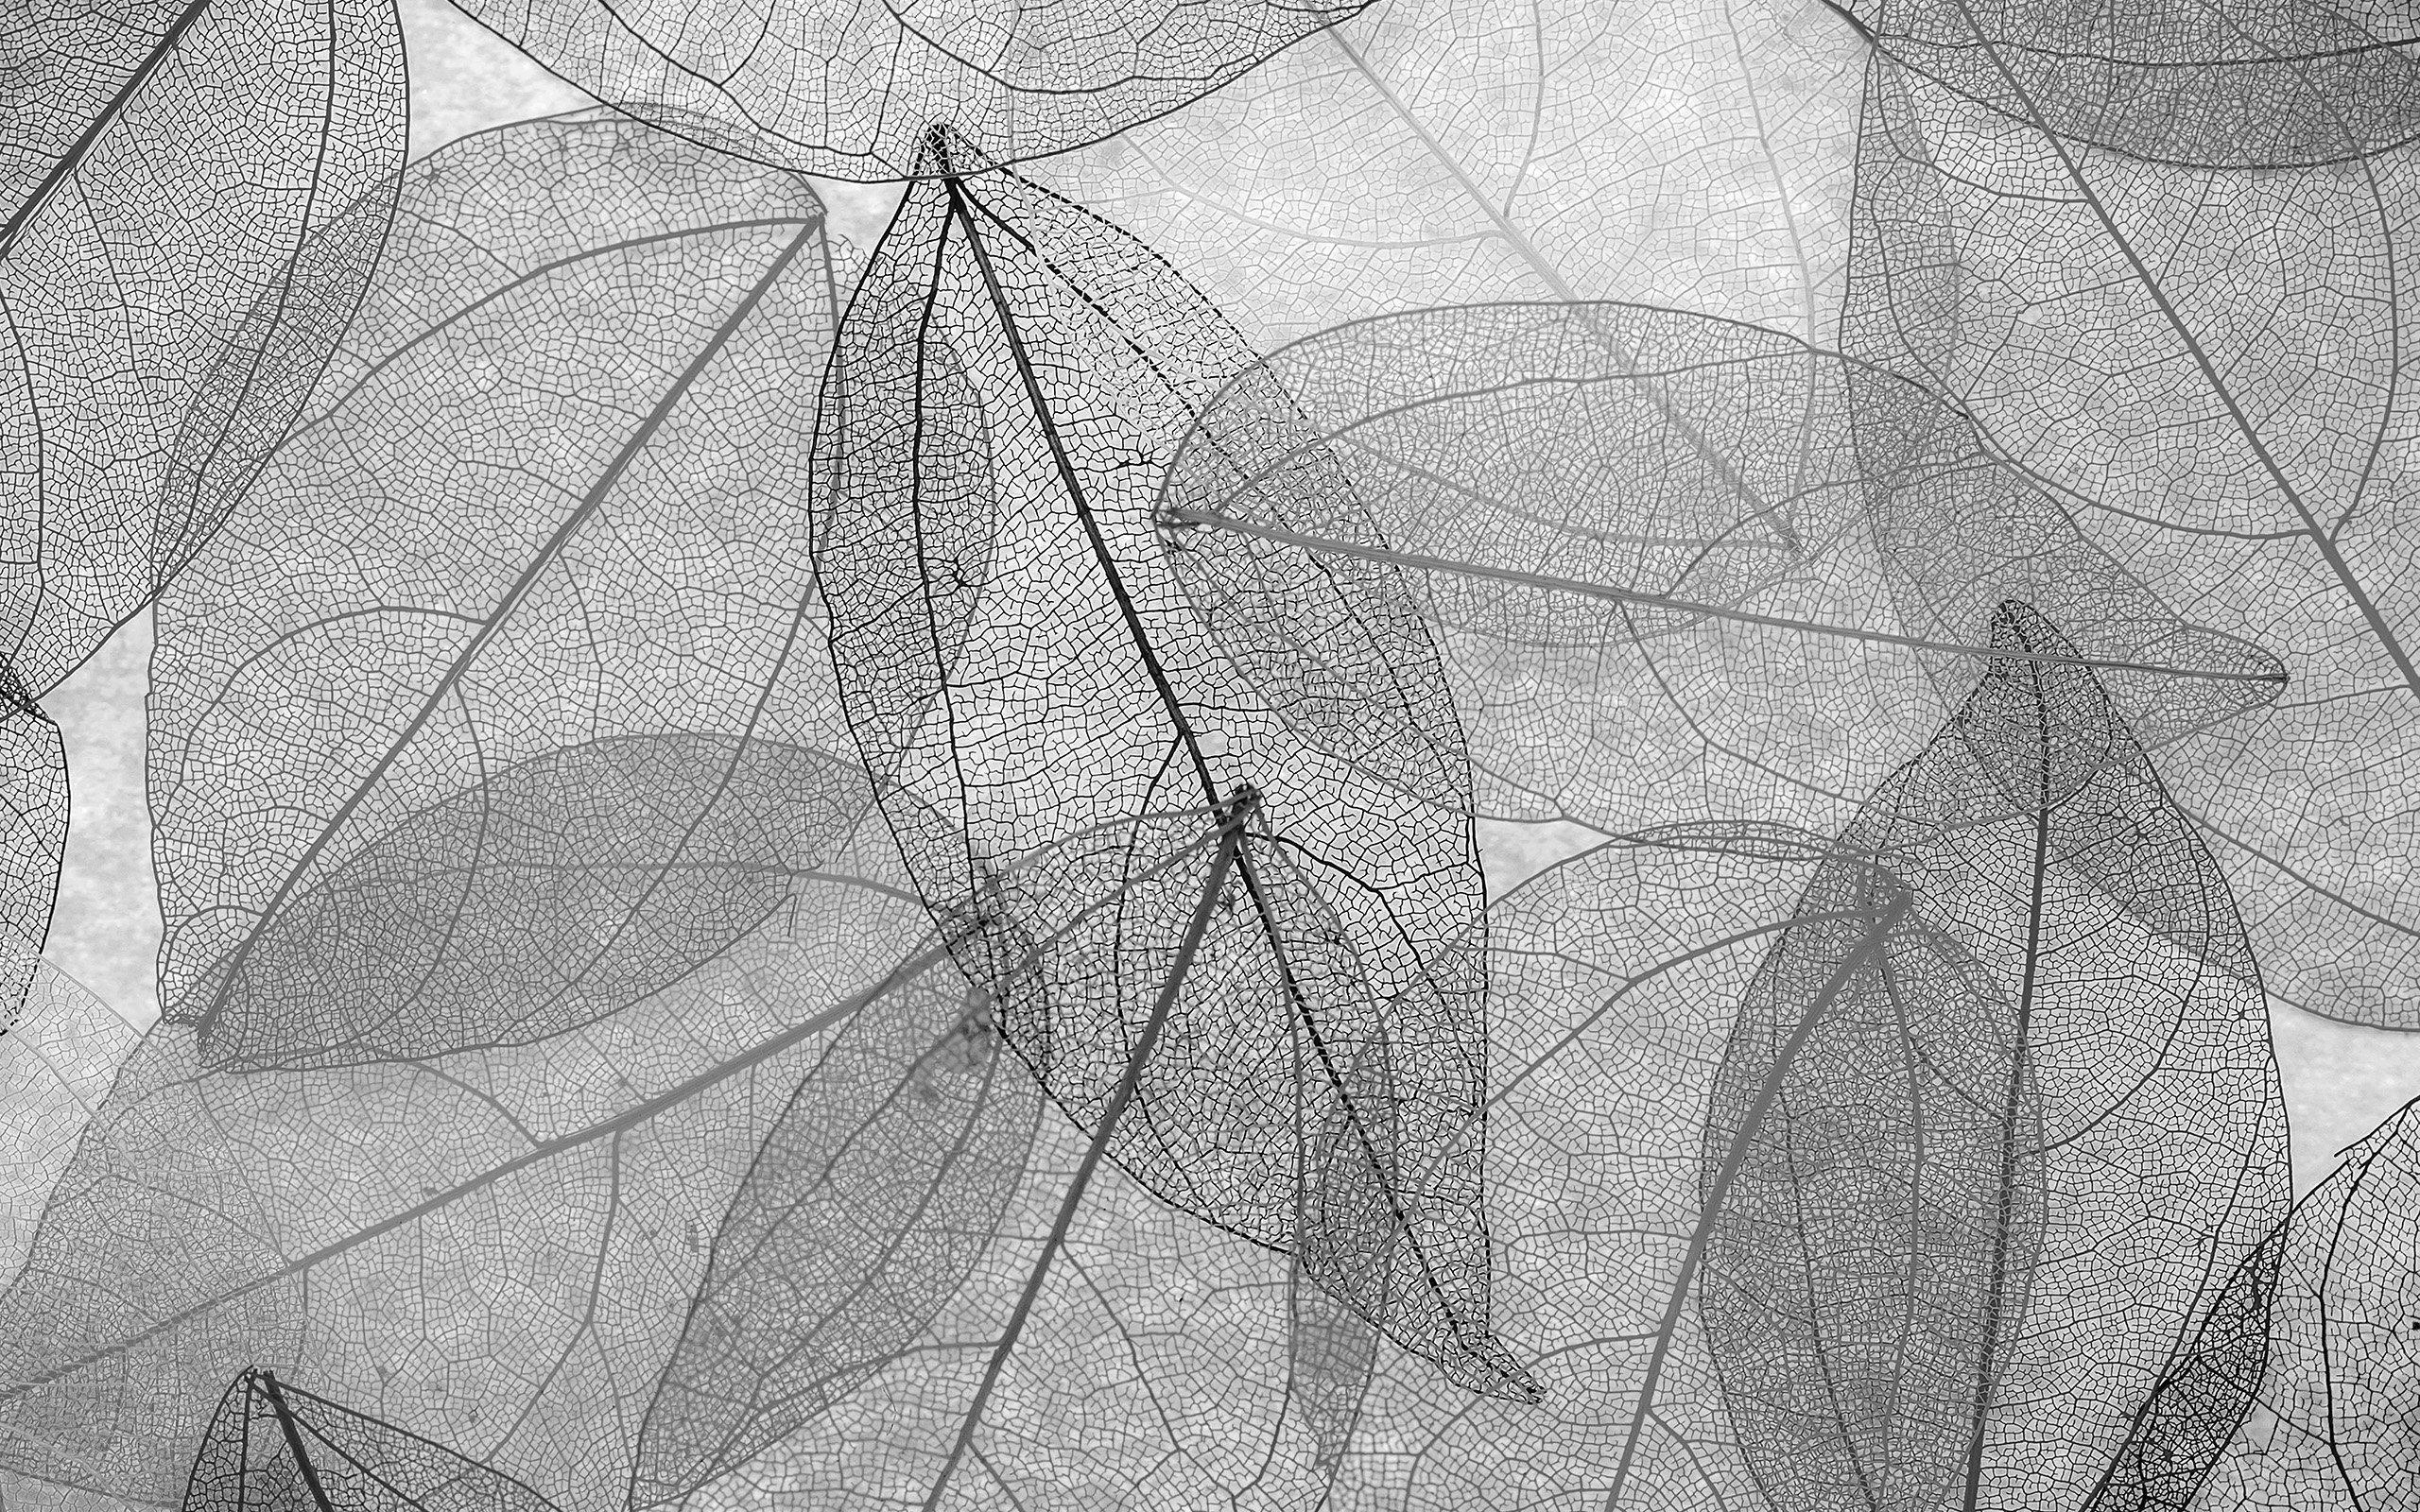 Fondos de pantalla Naturaleza Hojas blanco y negro